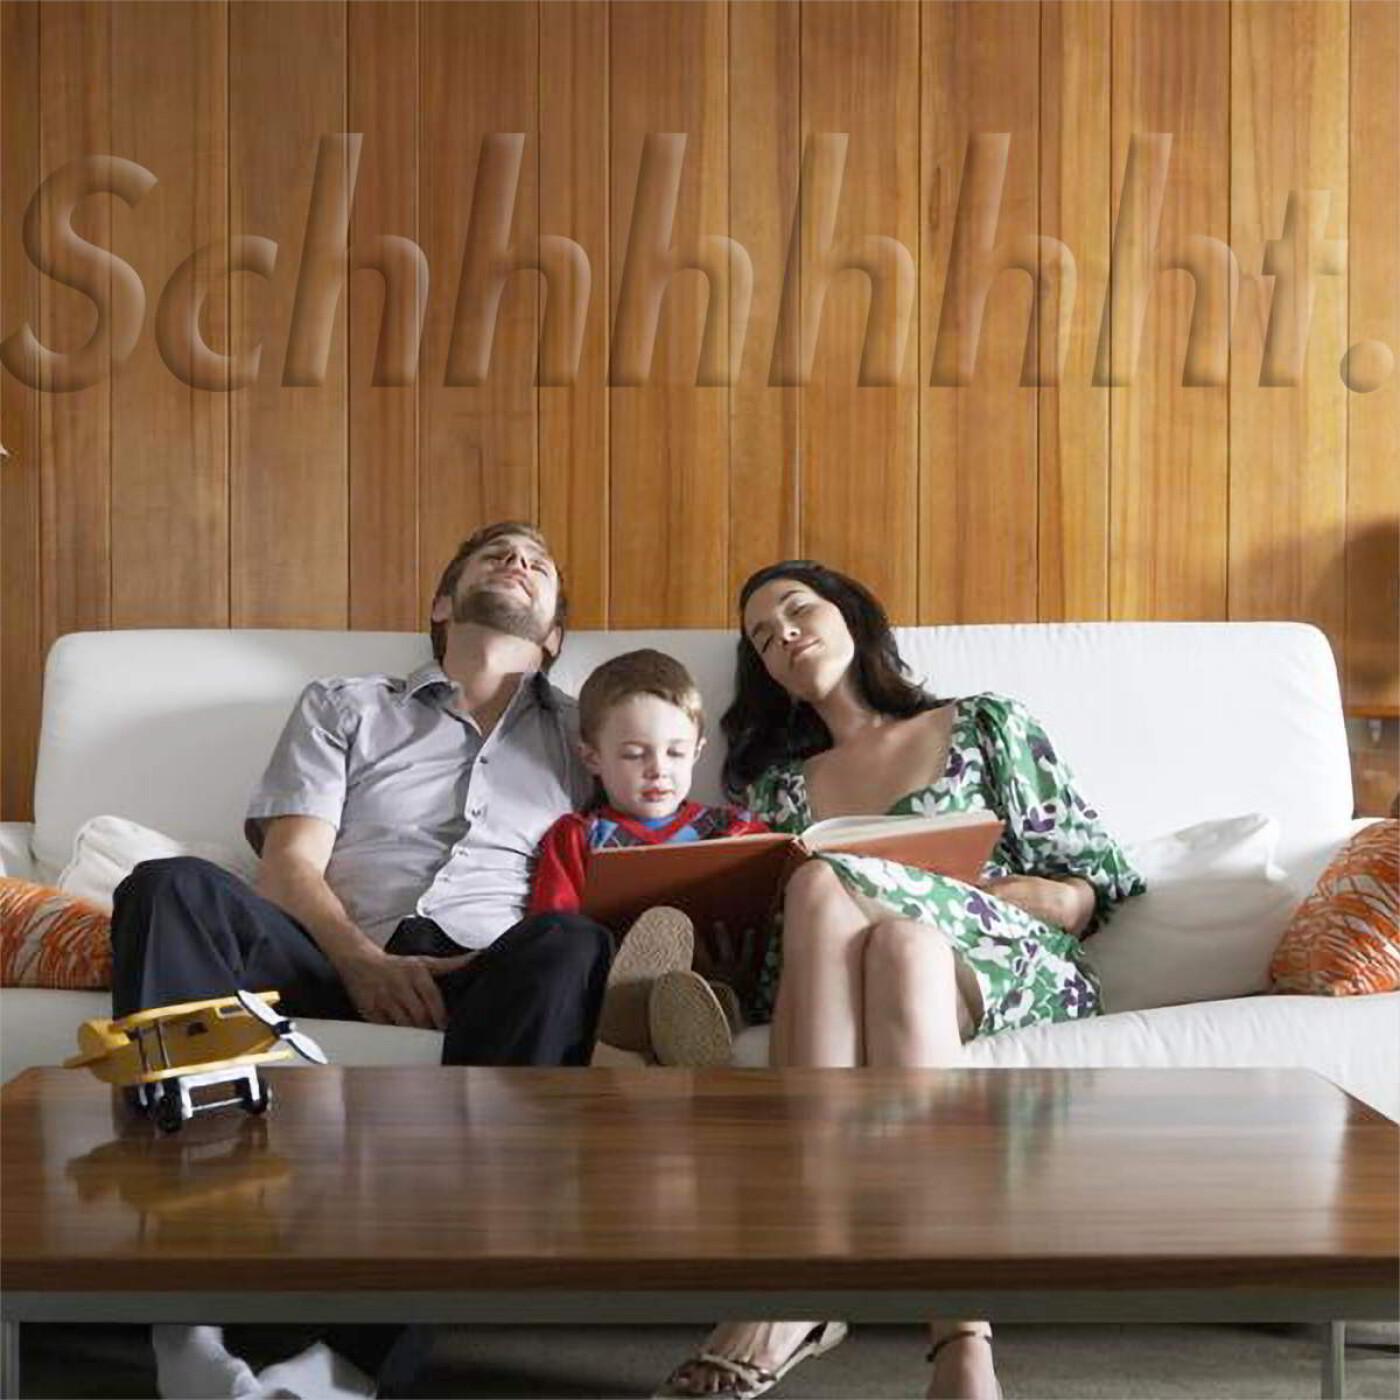 Schhhhhhht 11 - Journée Mondiale des parents - 01 06 21